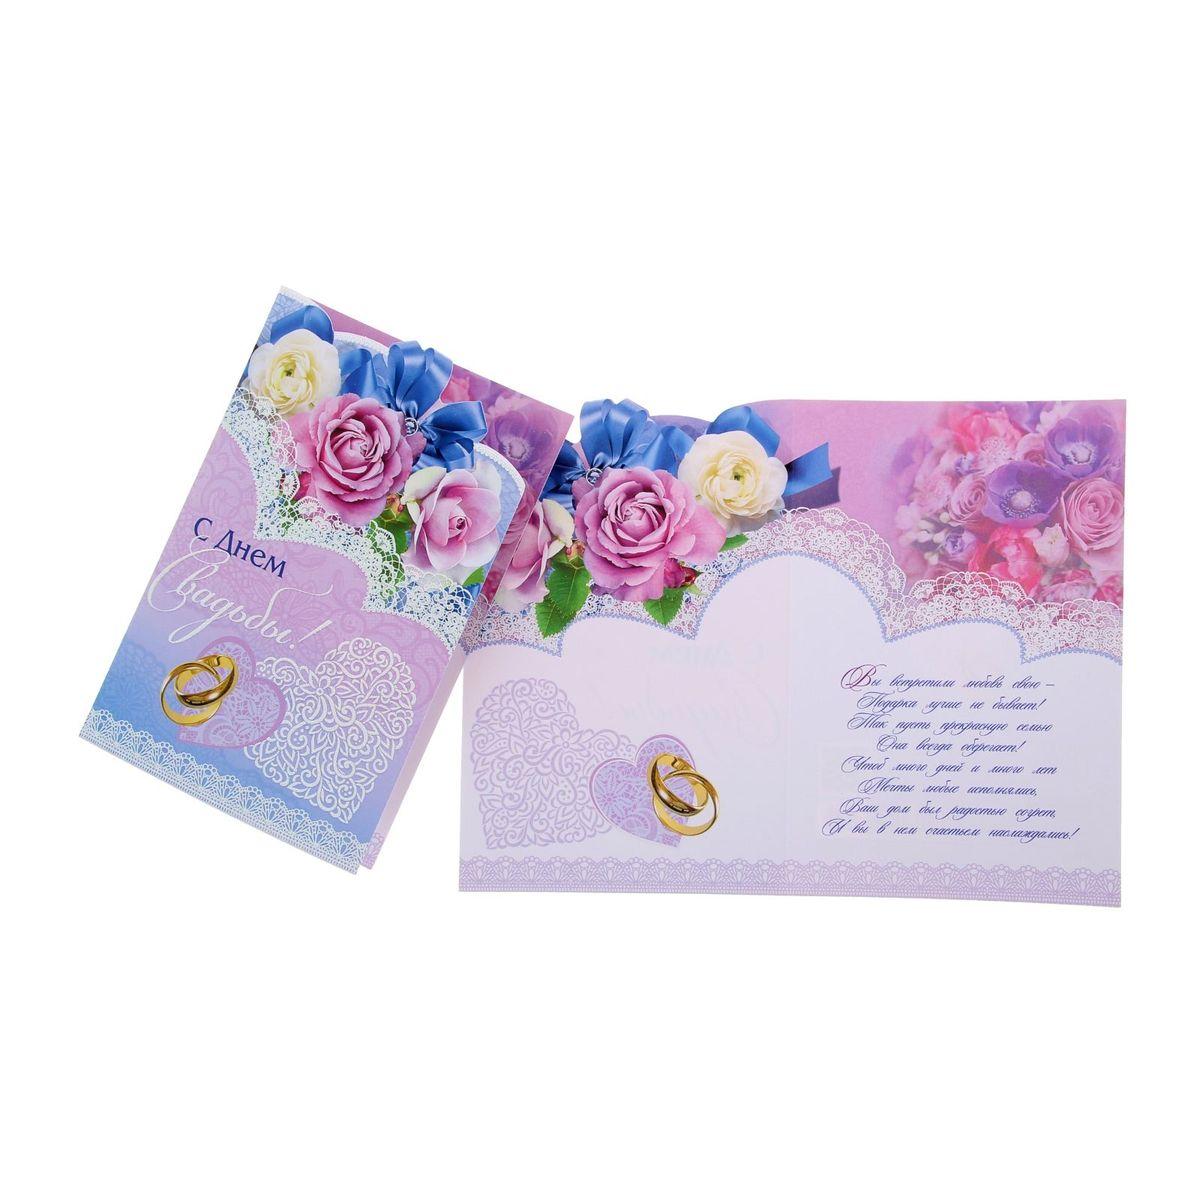 Открытка Русский дизайн С Днем Свадьбы! Кольца, сердечки, цветы, А51117994Если вы хотите порадовать себя или близких, создатьпраздничное настроение и с улыбкой провести памятный день,то вы, несомненно, сделали правильный выбор! Открытка Русский дизайн С Днем Свадьбы! Кольца, сердечки, цветы, выполненная изкартона, отличается не только оригинальнымдизайном, но и высоким качеством.Формат: А5.